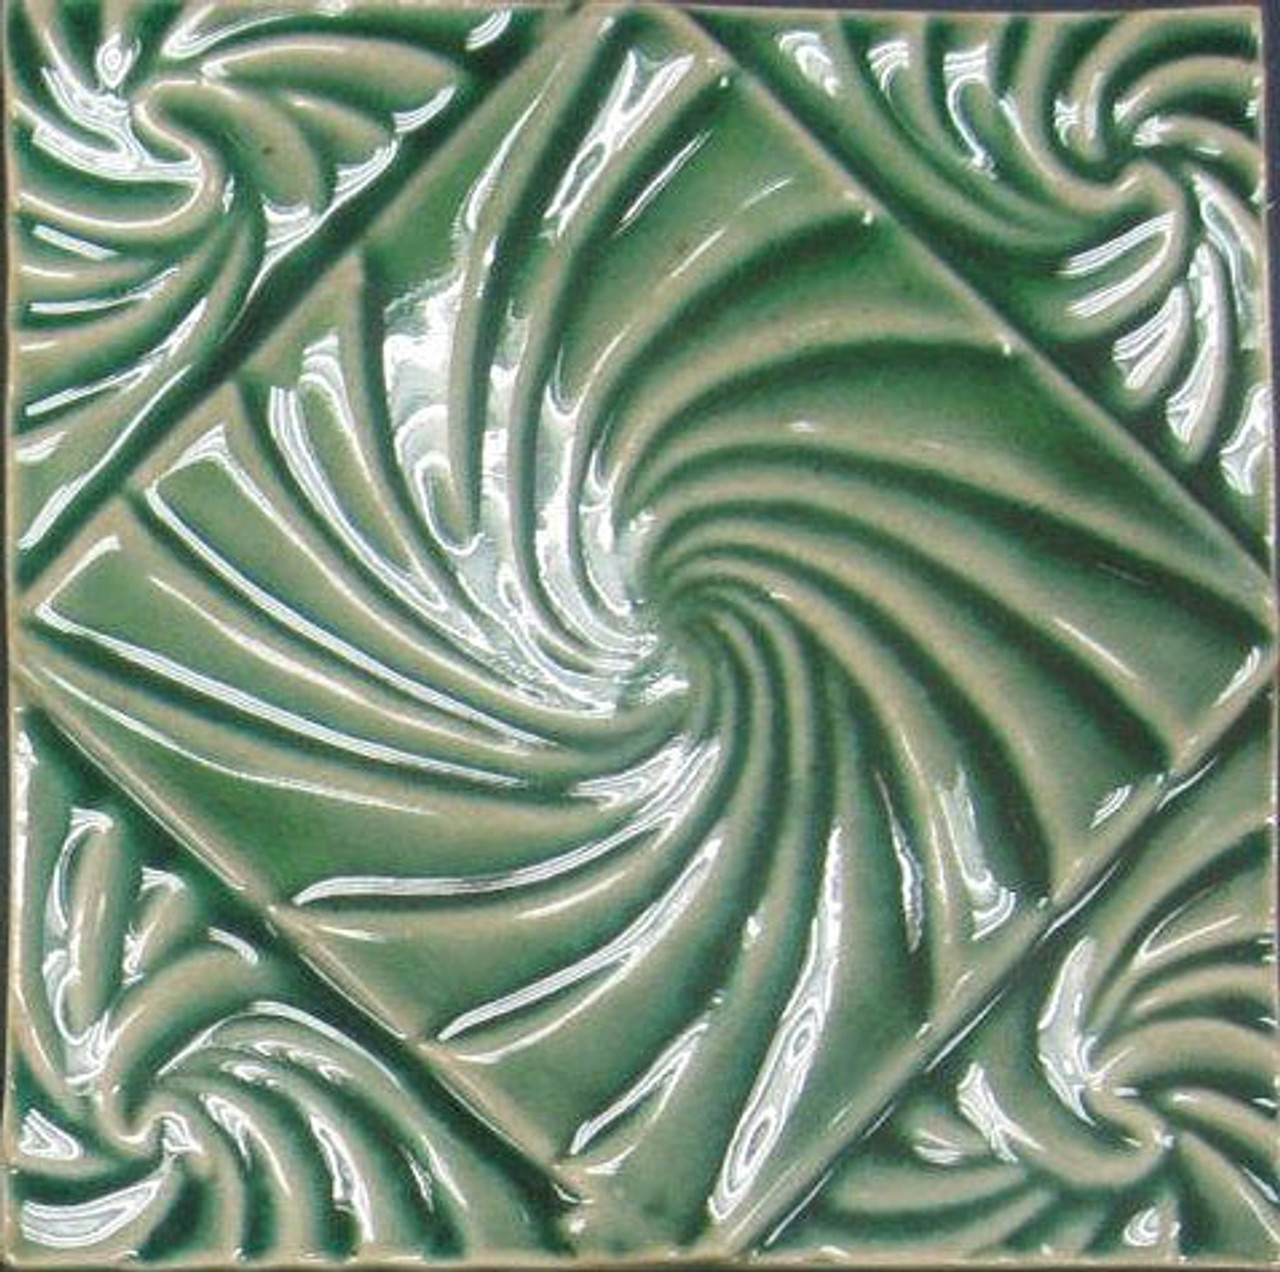 bristol studios nouveau g2351 lyon vert relief deco 6x6 hand crafted decorative tile